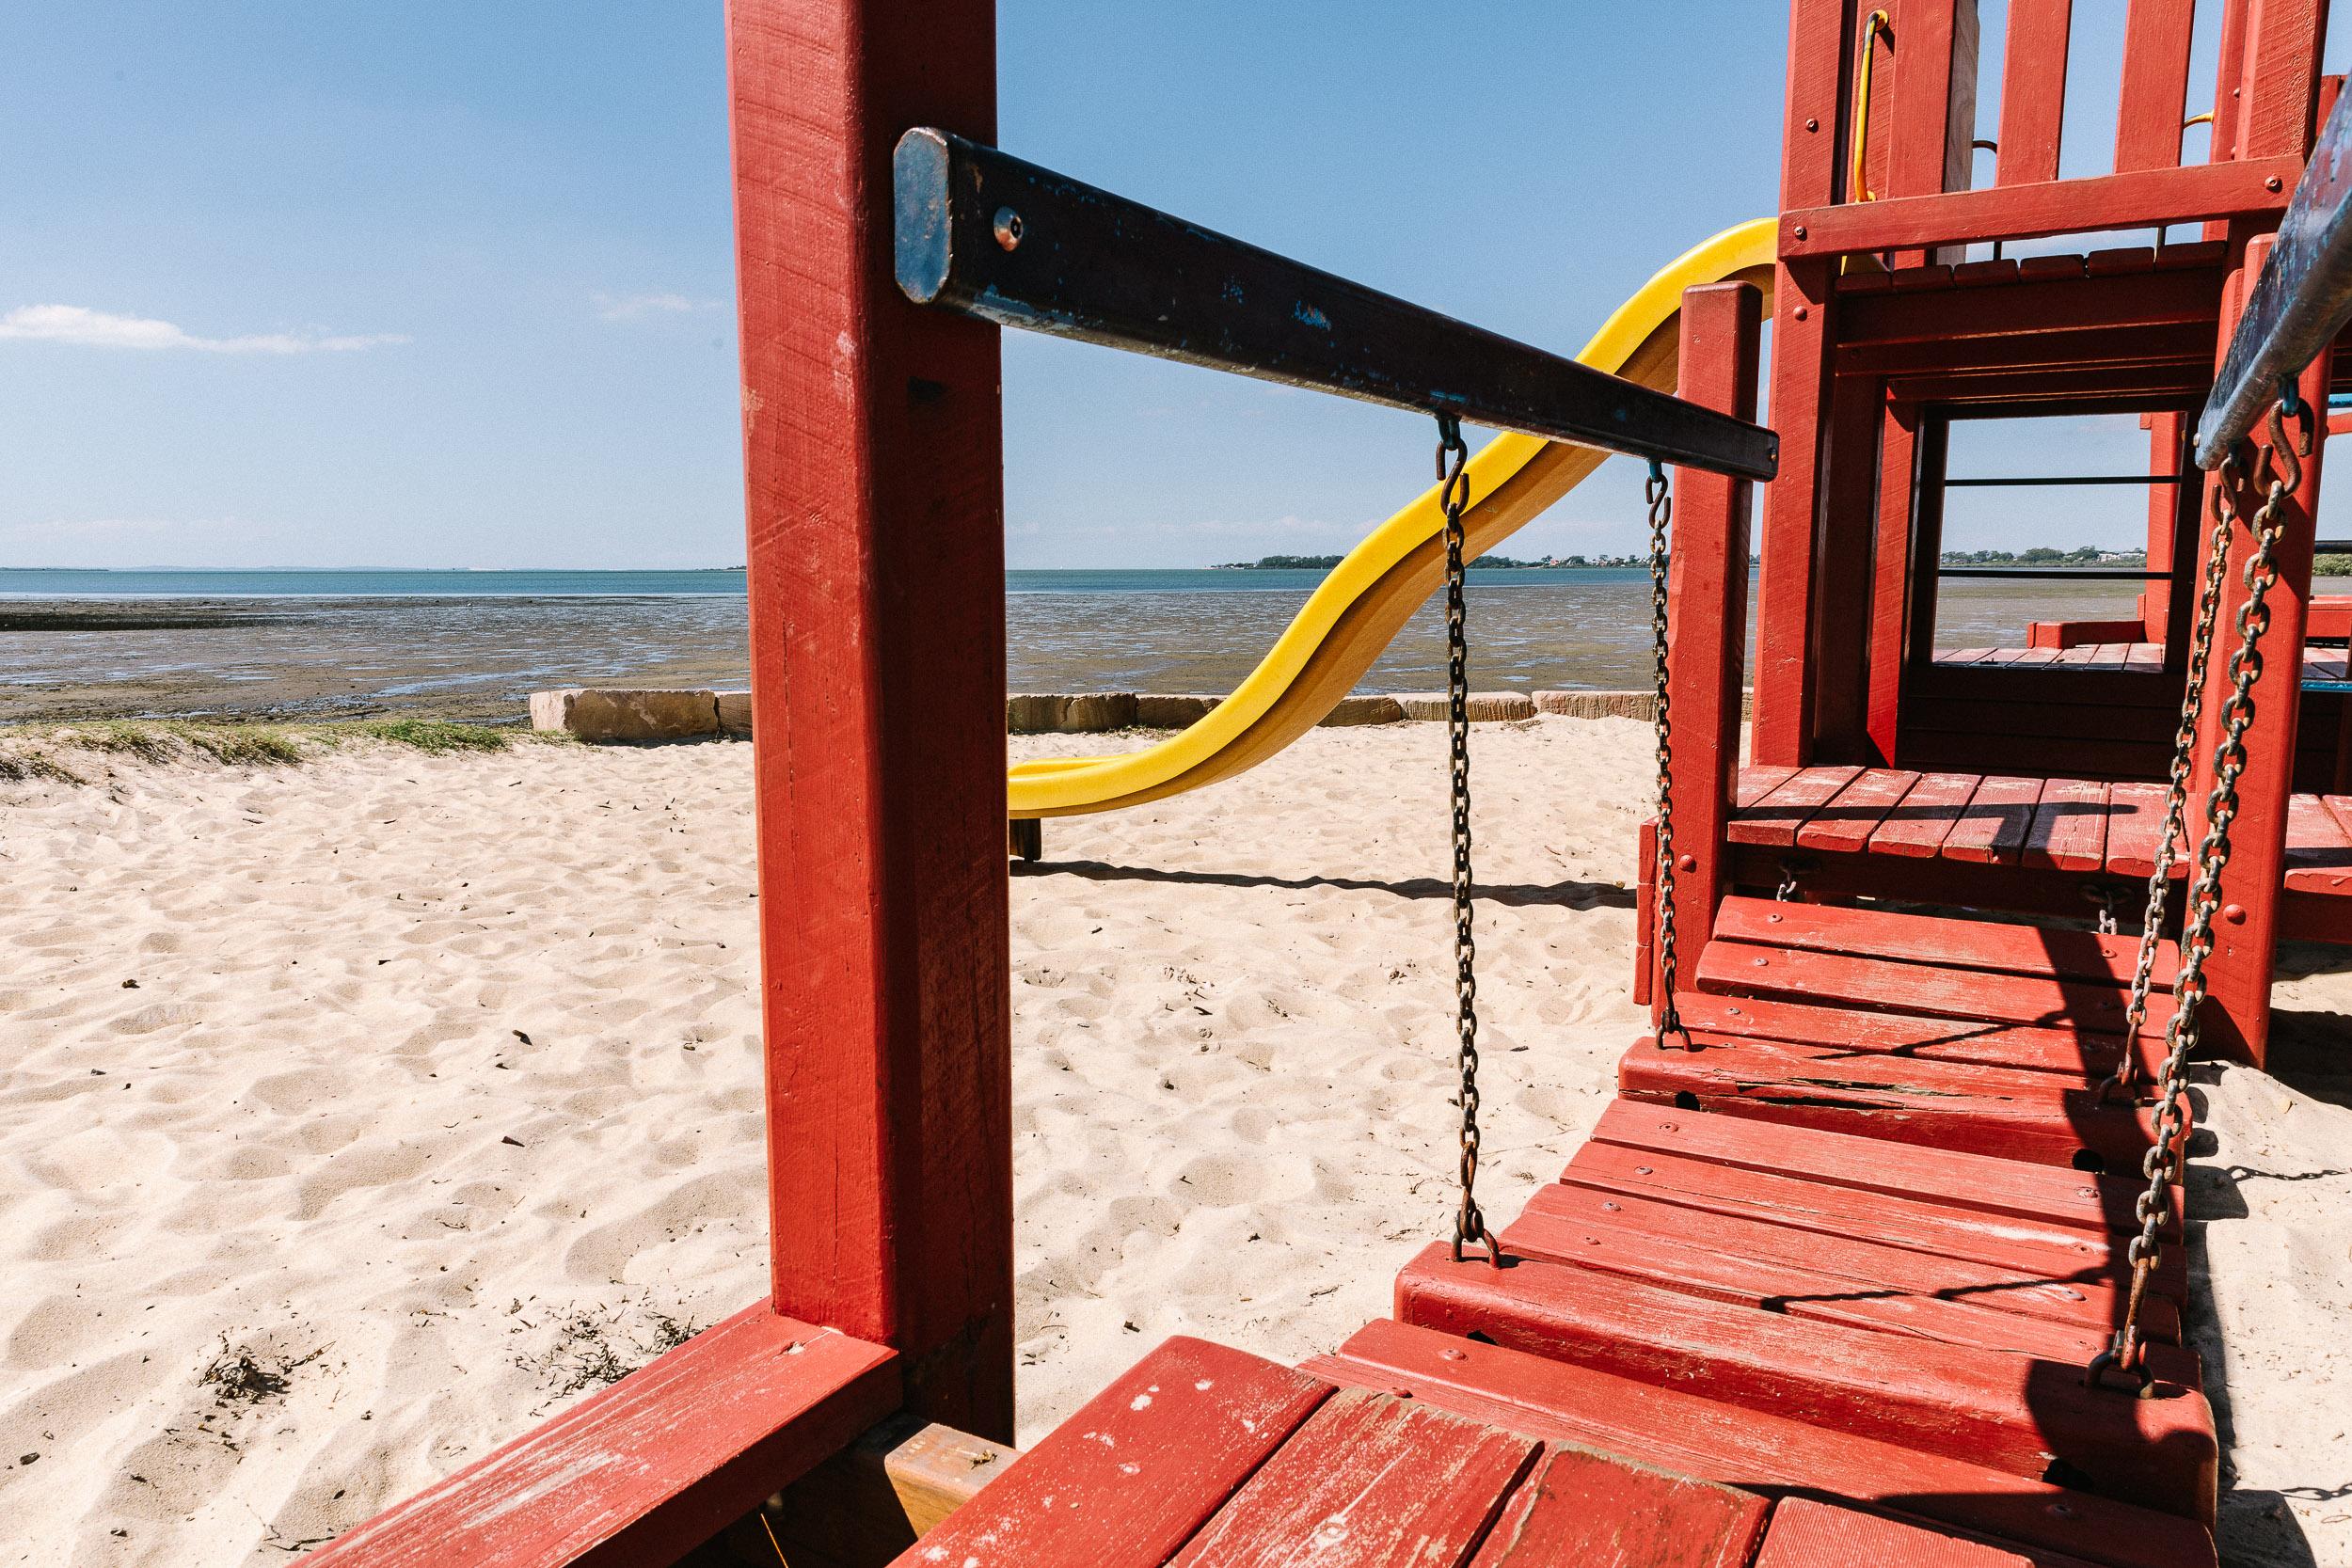 Pirate Playground Bridge